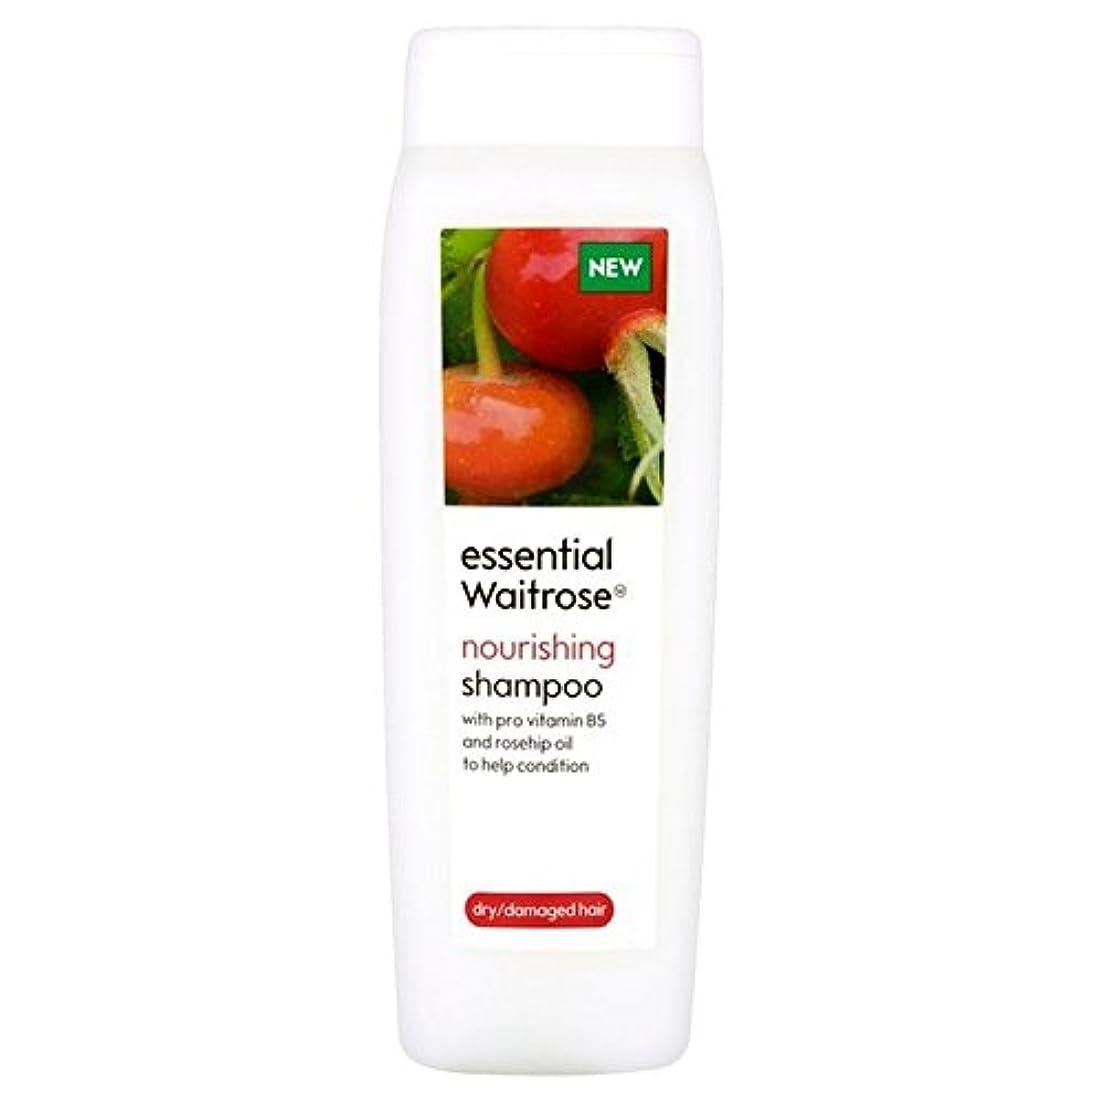 謝罪光沢のあるスケルトンShampoo for Dry & Damaged Hair essential Waitrose 300ml (Pack of 6) - ドライ&ダメージヘア不可欠ウェイトローズの300ミリリットルのためのシャンプー x6 [並行輸入品]